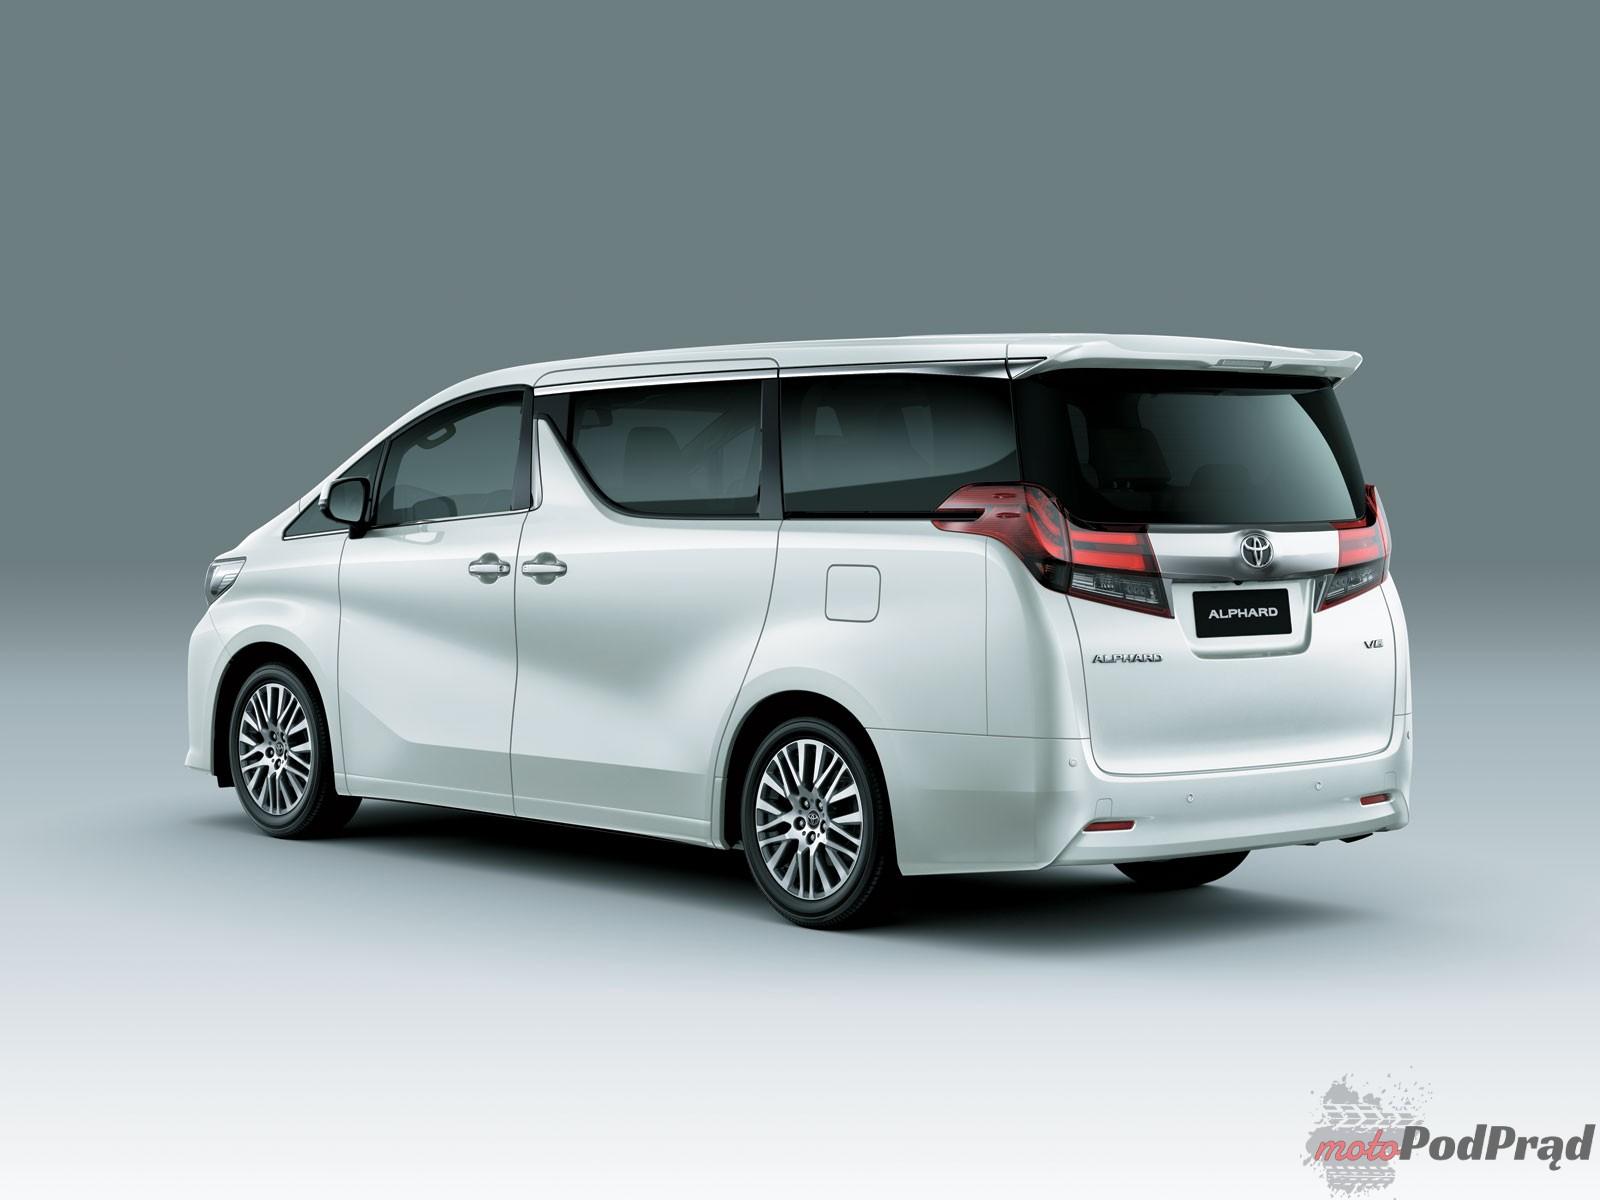 TYL Niedostępne w Polsce: Toyota Alphard. Klasa biznes.